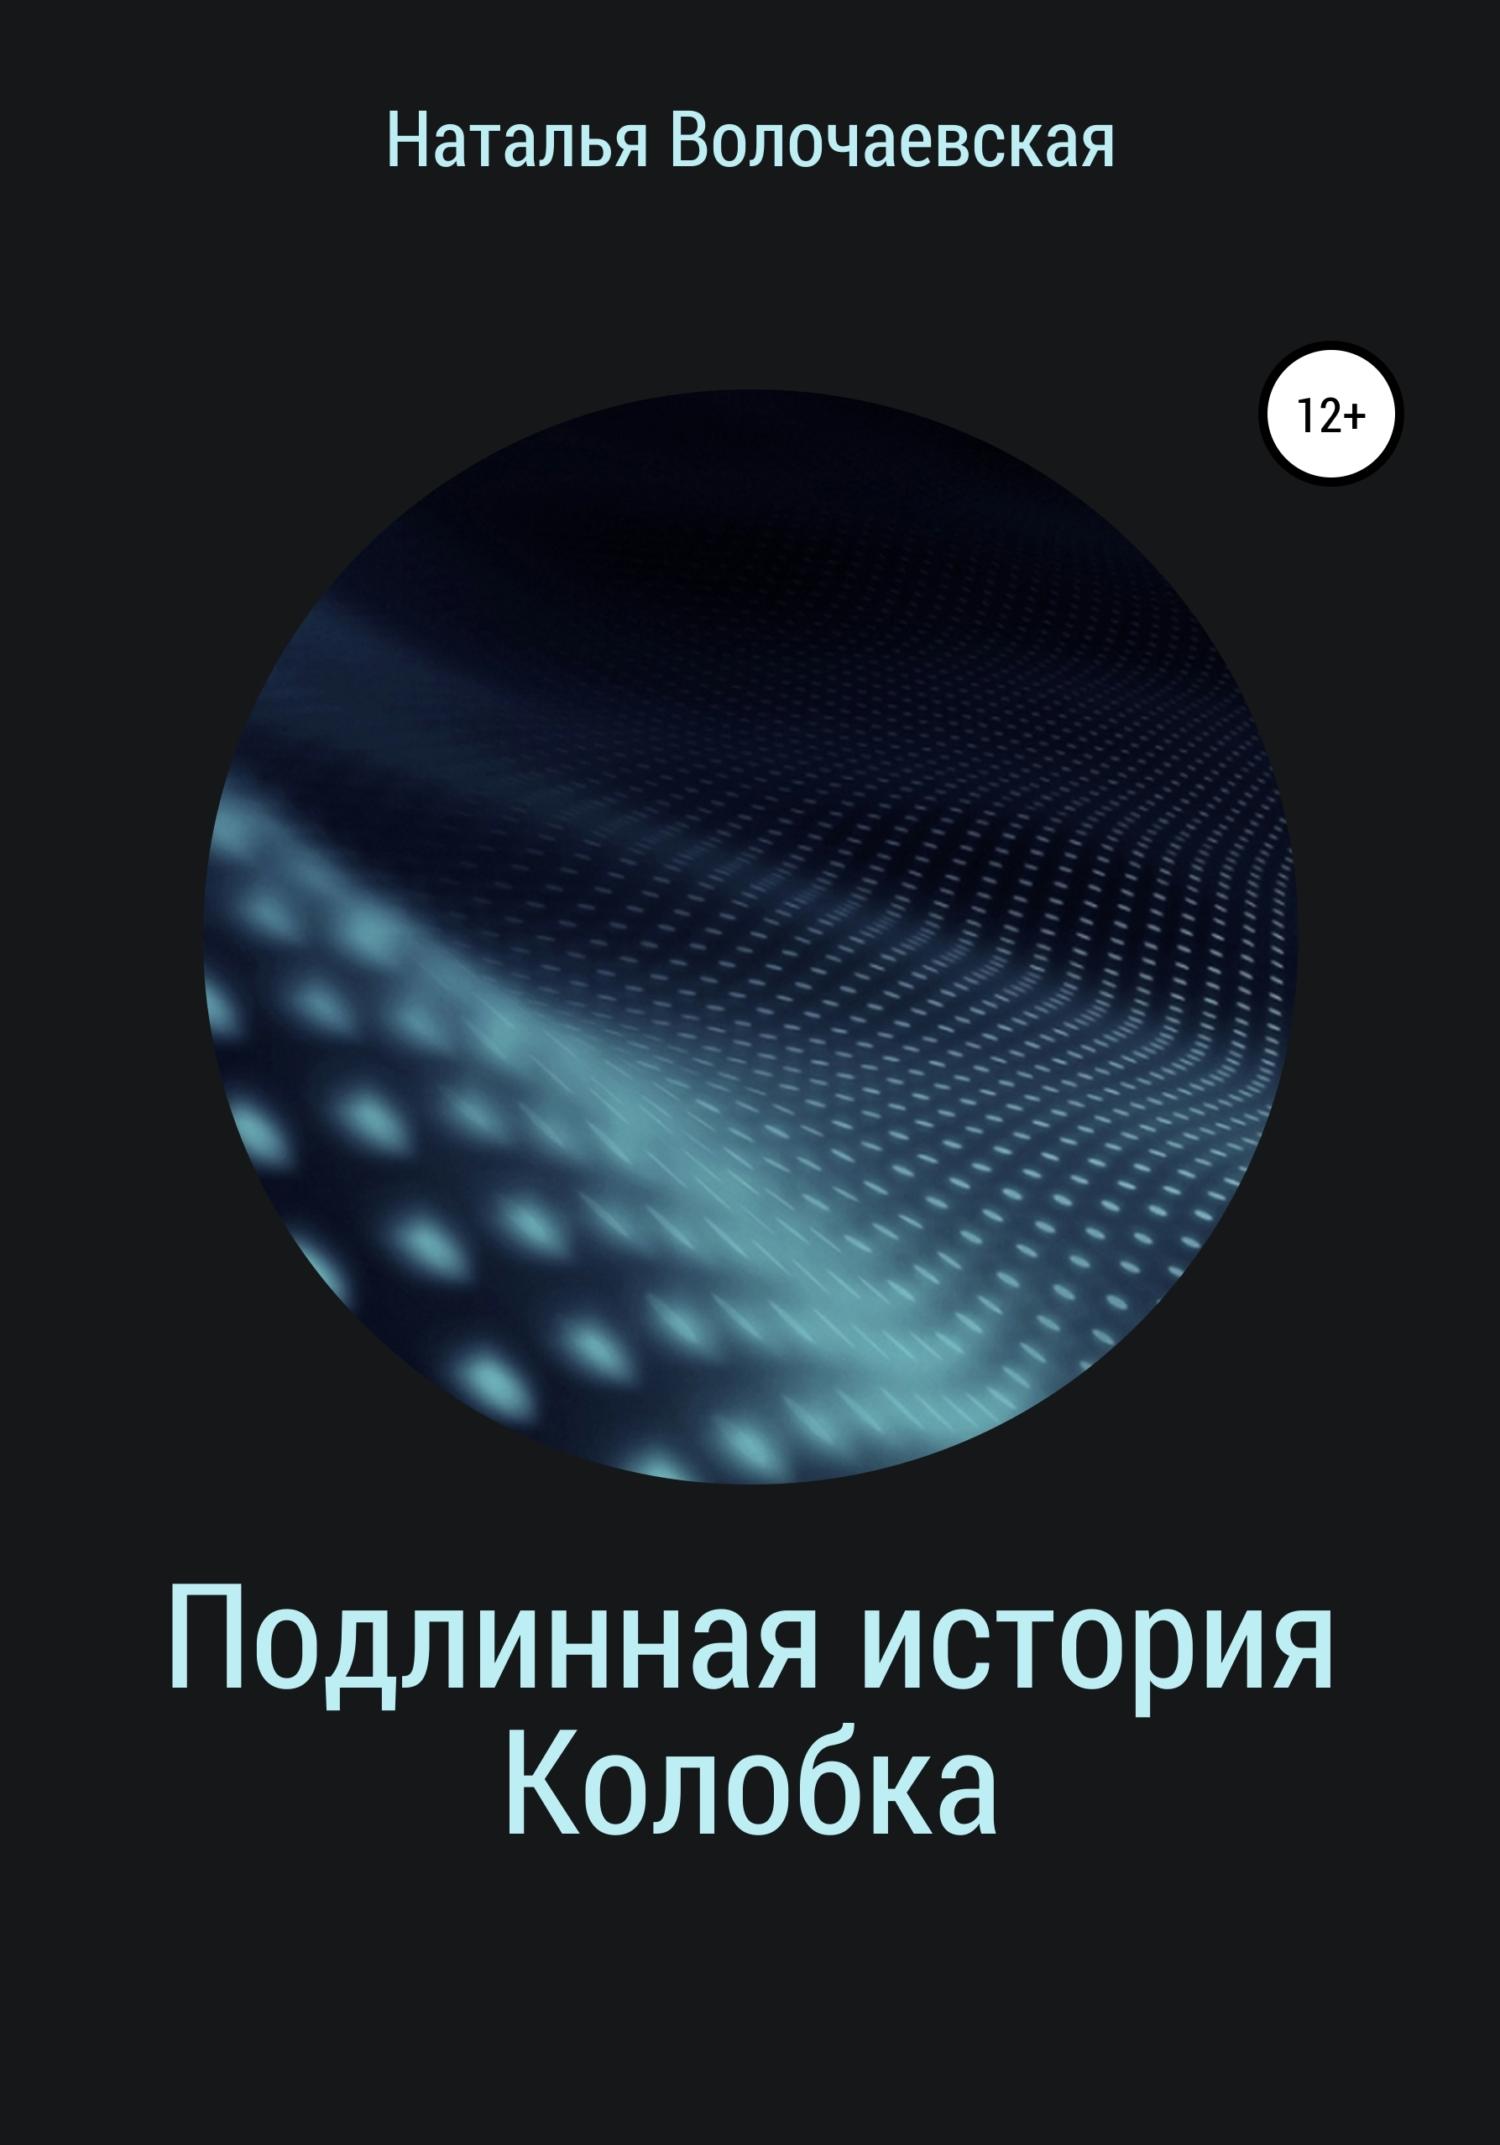 Наталья Волочаевская Подлинная история Колобка скажи нам правду